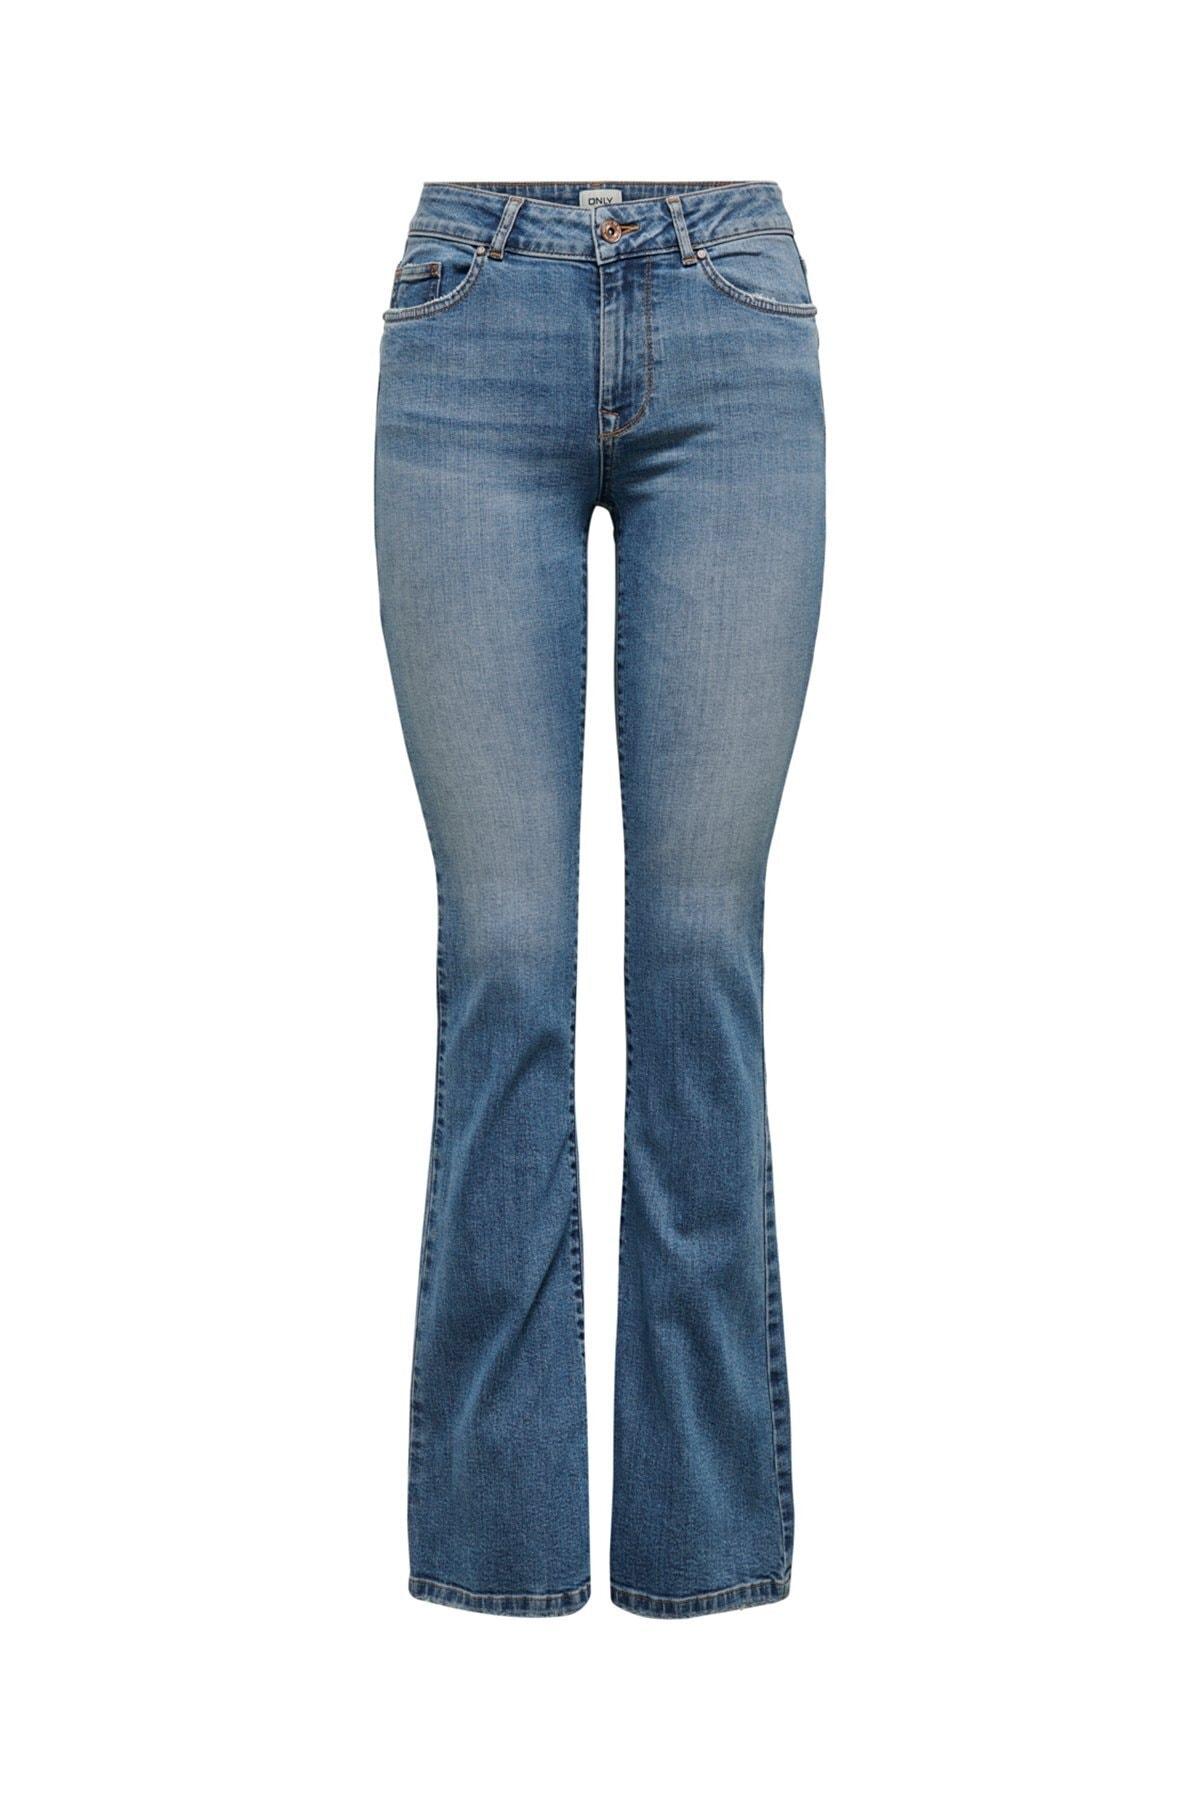 Only Onlhush Life Mıd Flored Bb Dot0003 Jeans 15208314 1